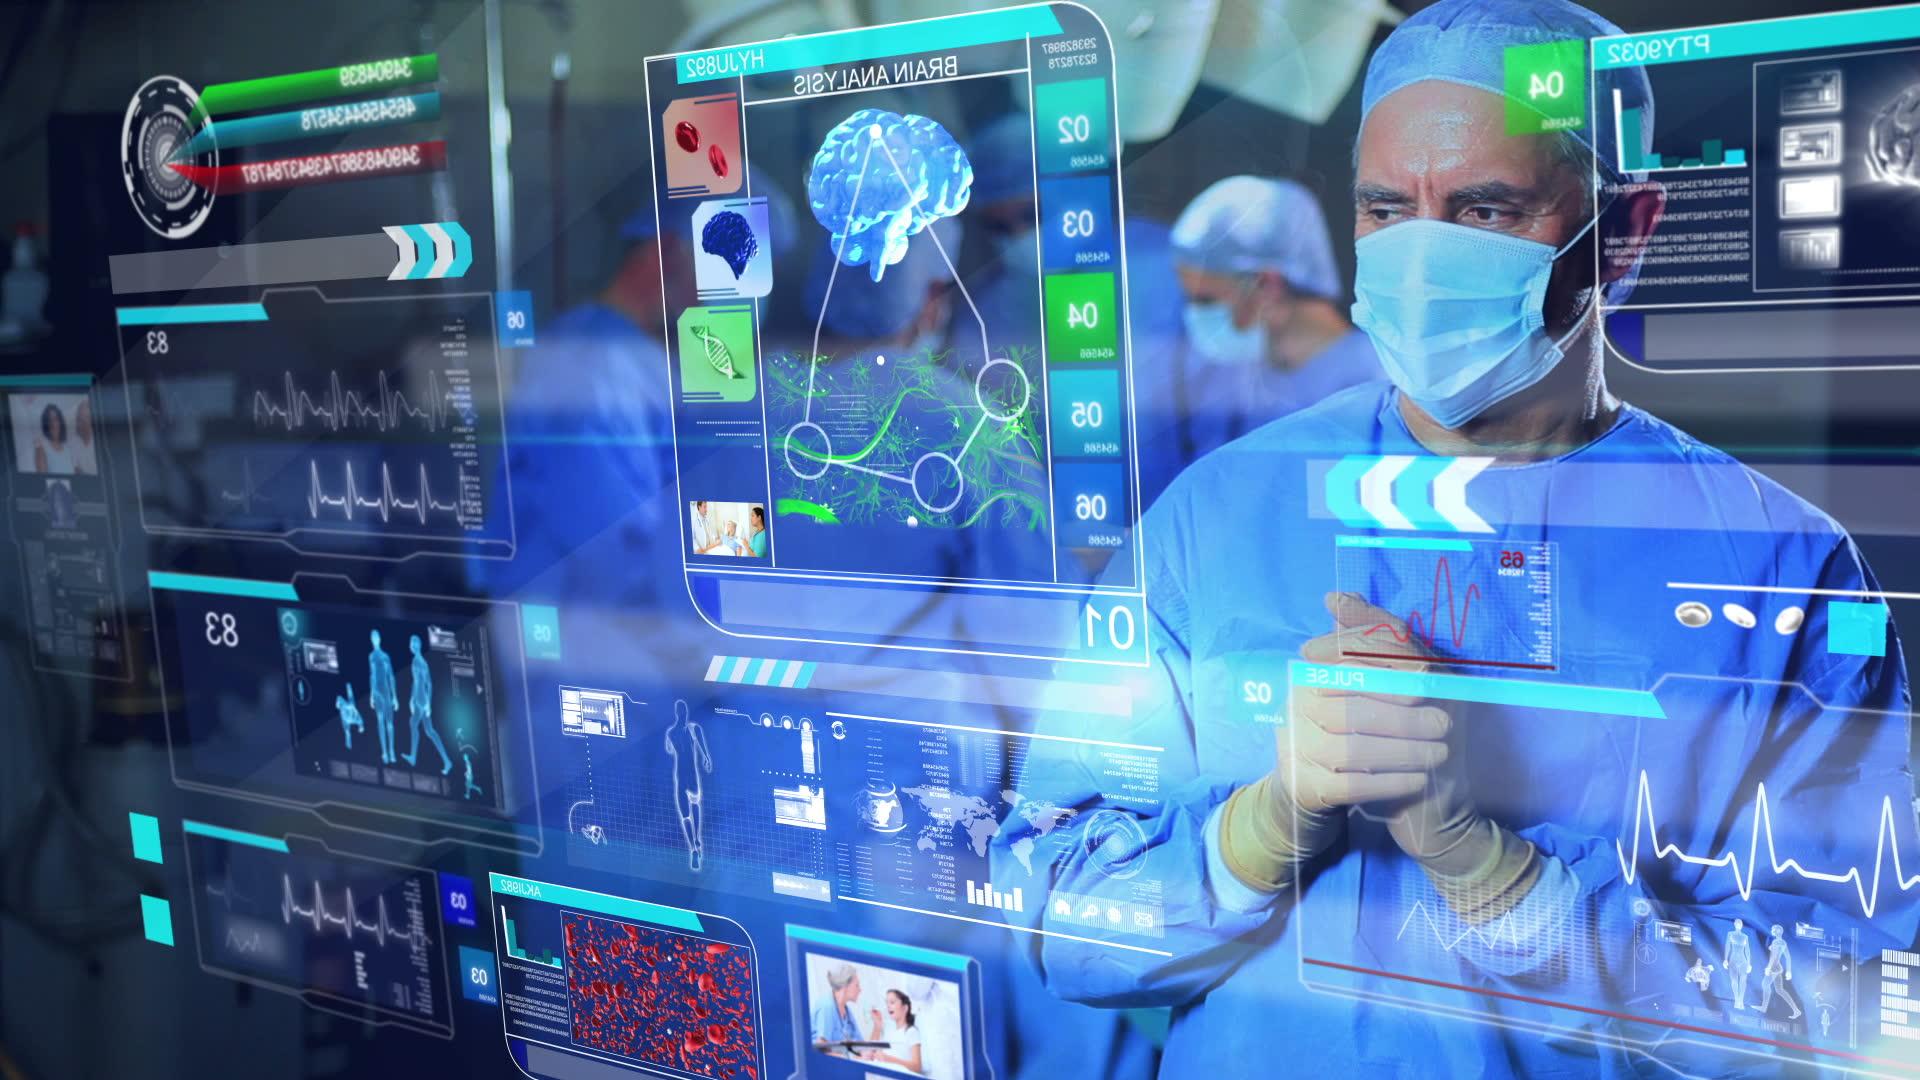 Τεχνολογία υγεία: Τα ψηφιακά συστήματα και η ασφάλεια των ασθενών